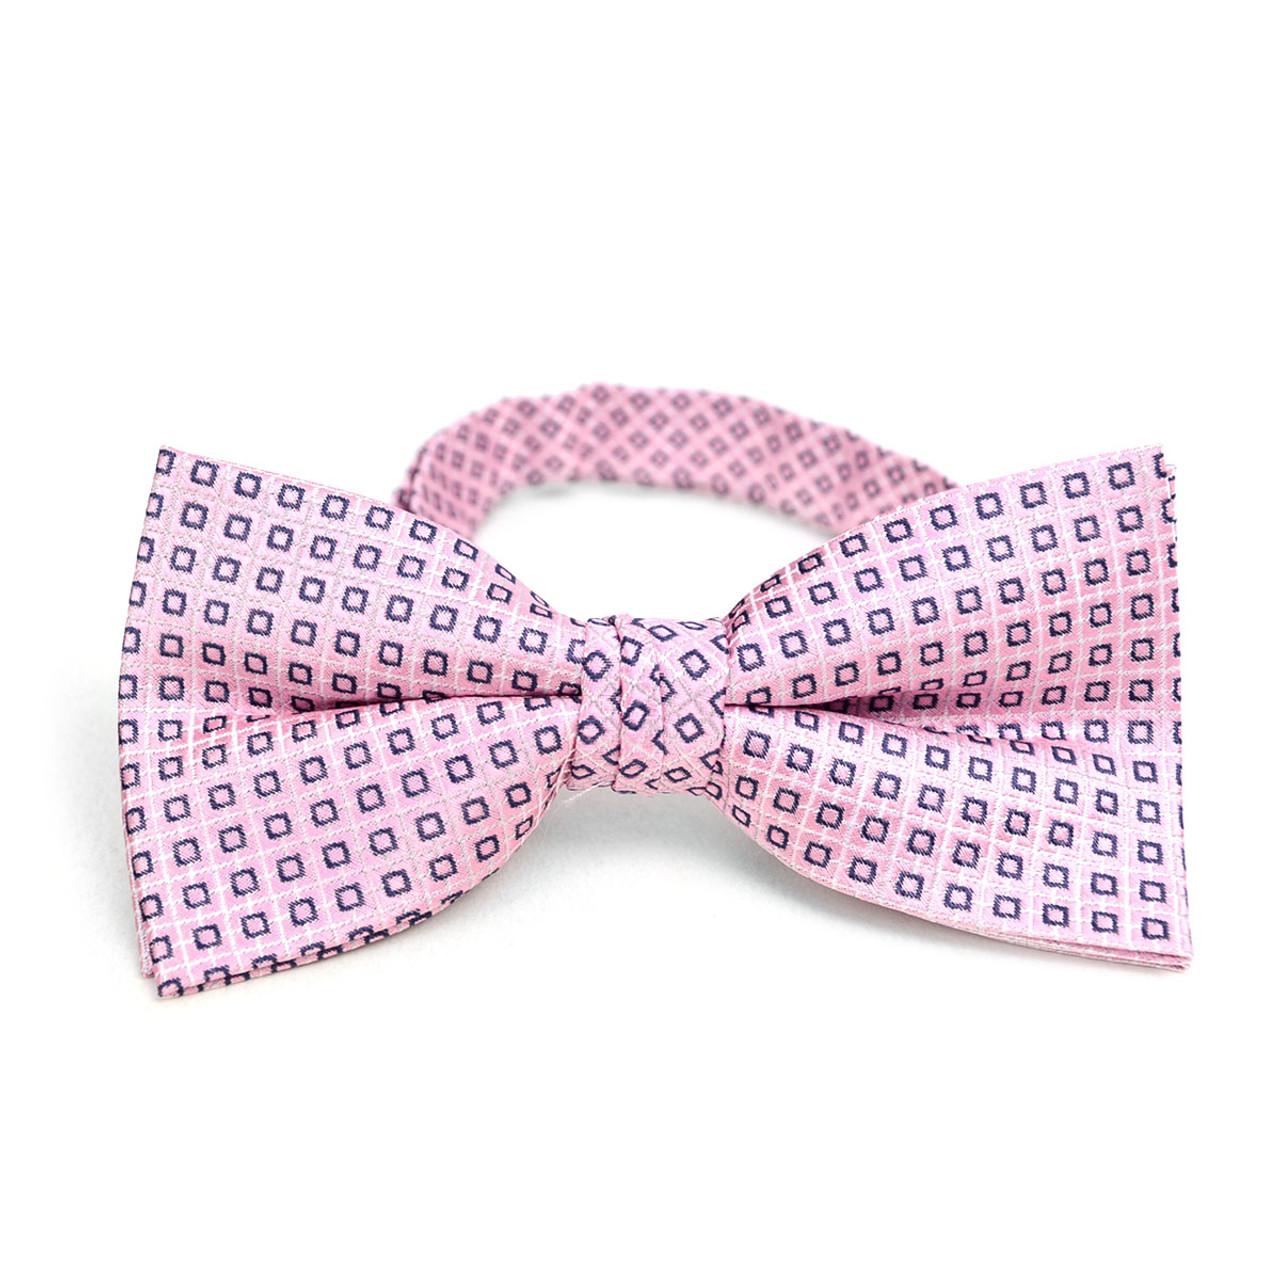 de5544a60248 3pc Men's Pink Clip-on Suspenders, Dots Bow Tie & Hanky Sets - FYBTHSU-PK#1